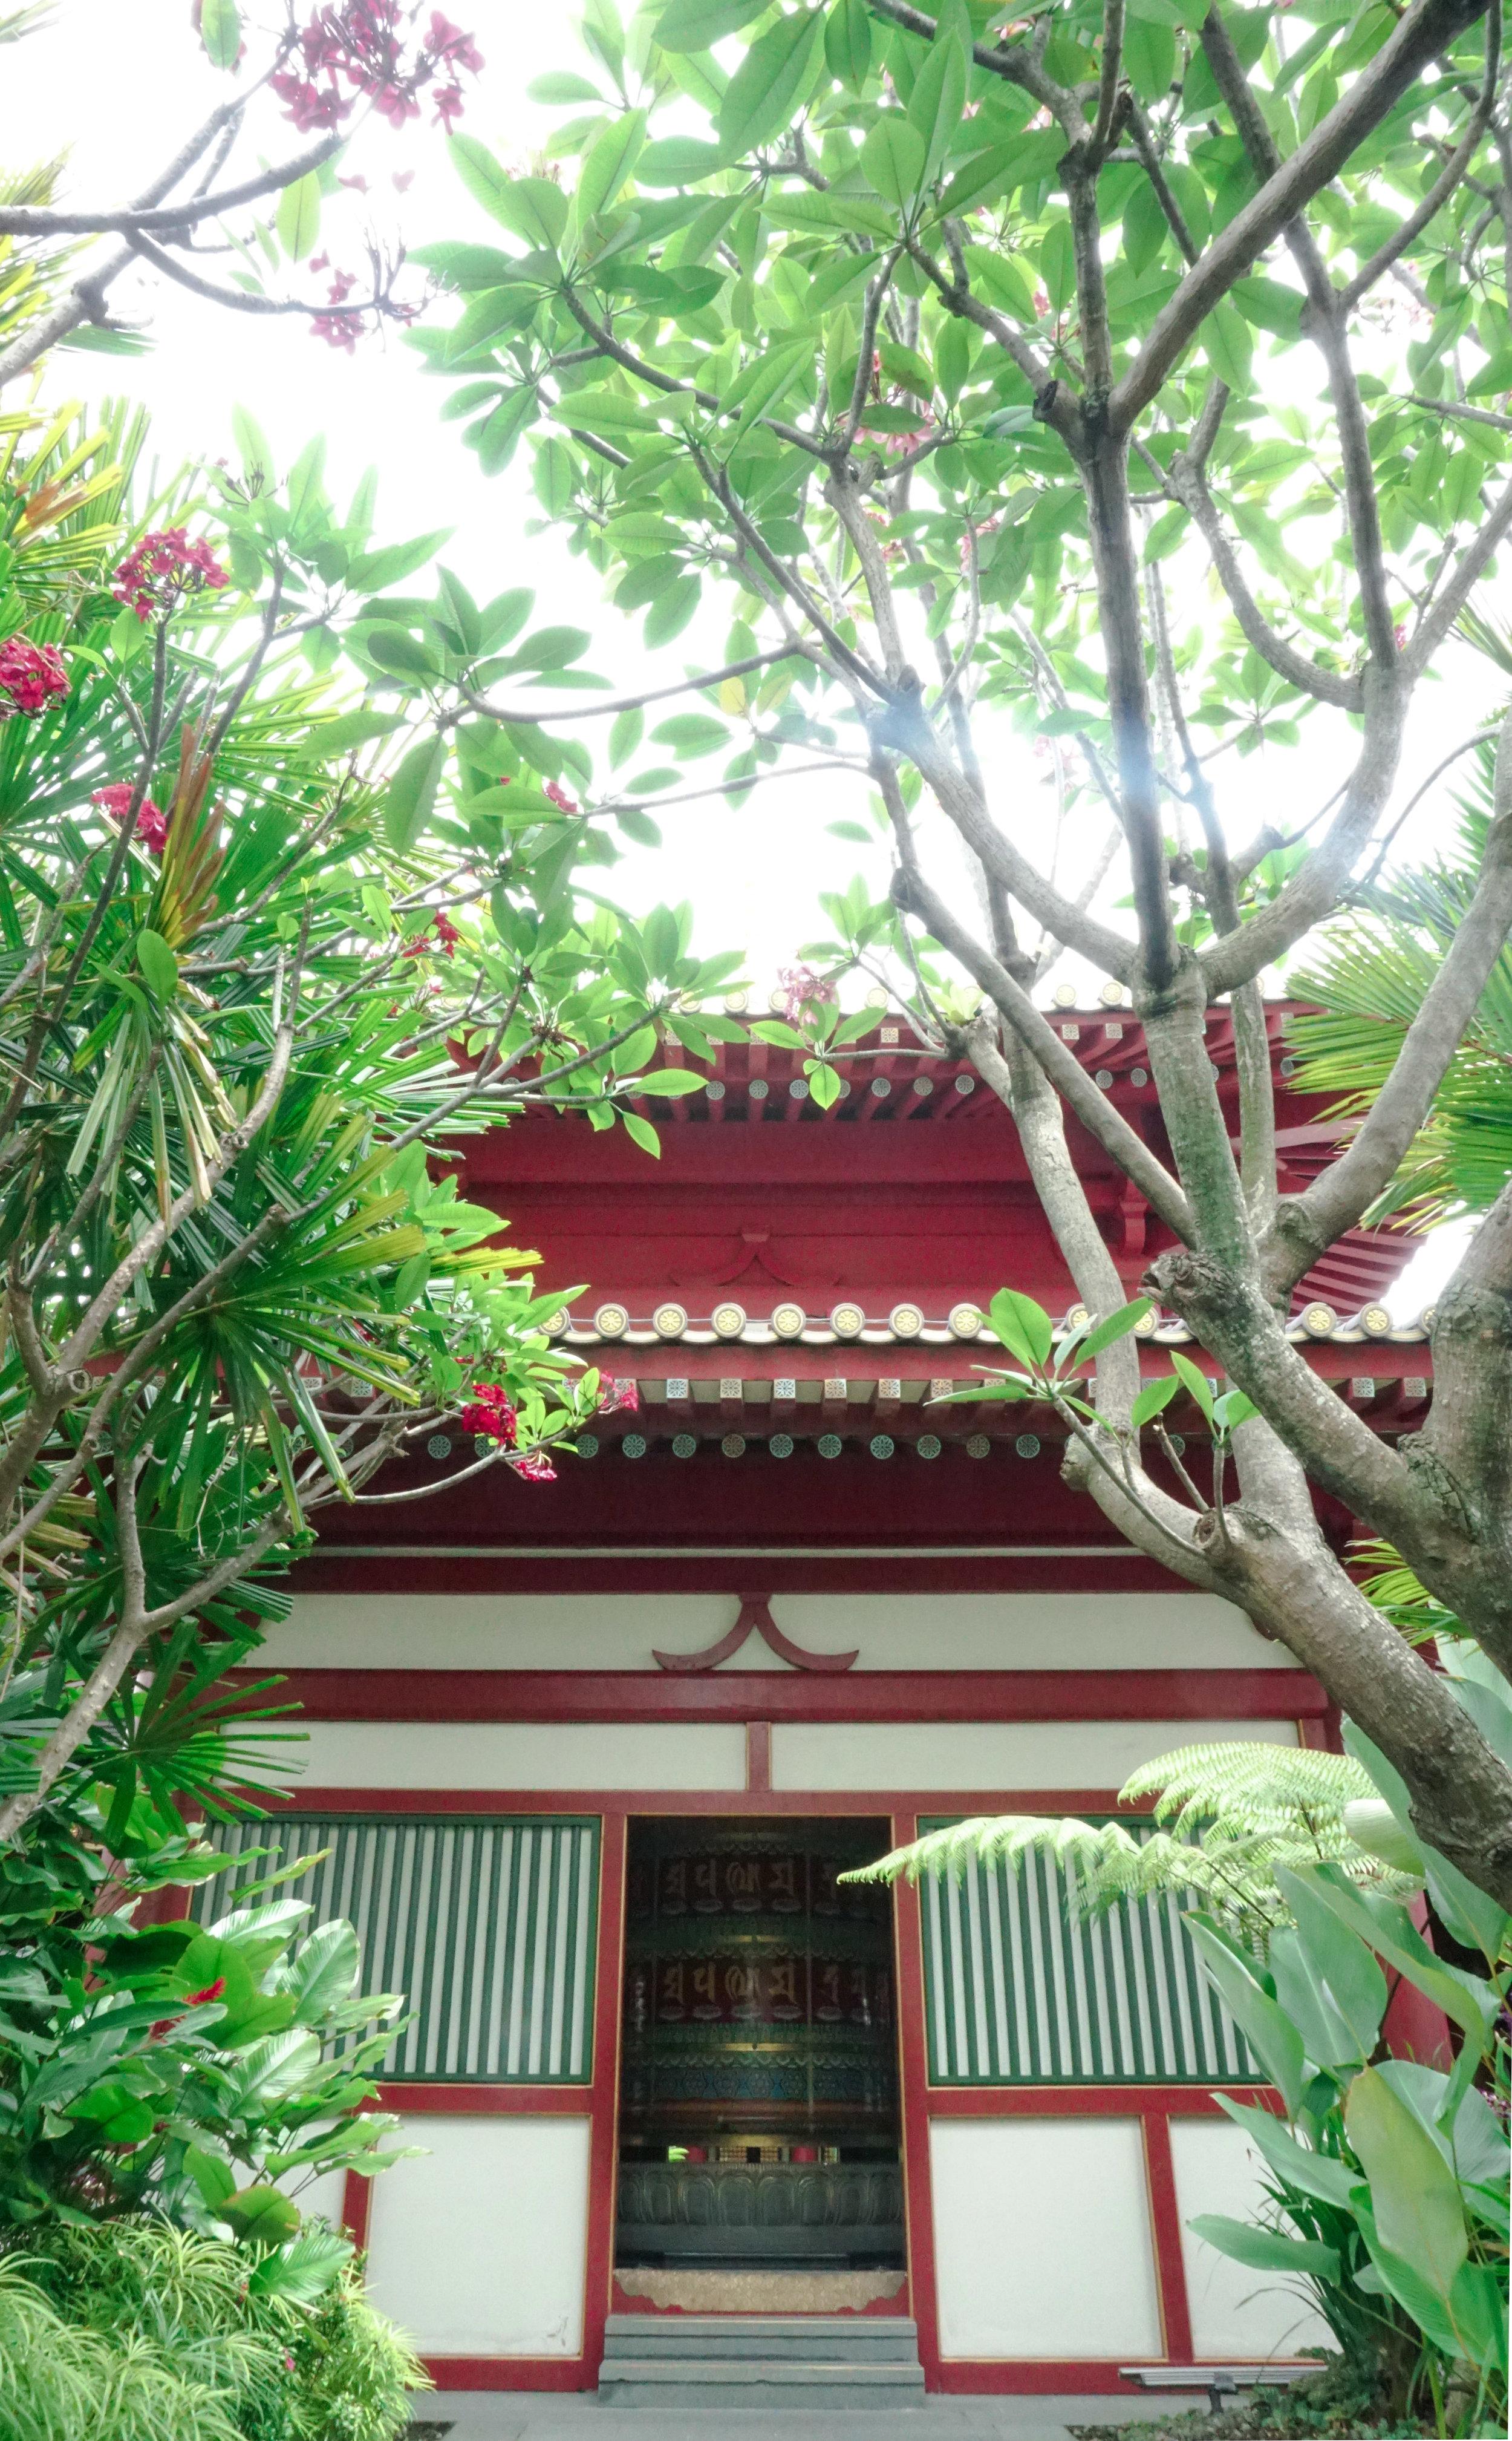 curio.trips.singapore.temple.rooftop.garden.portrait.jpg